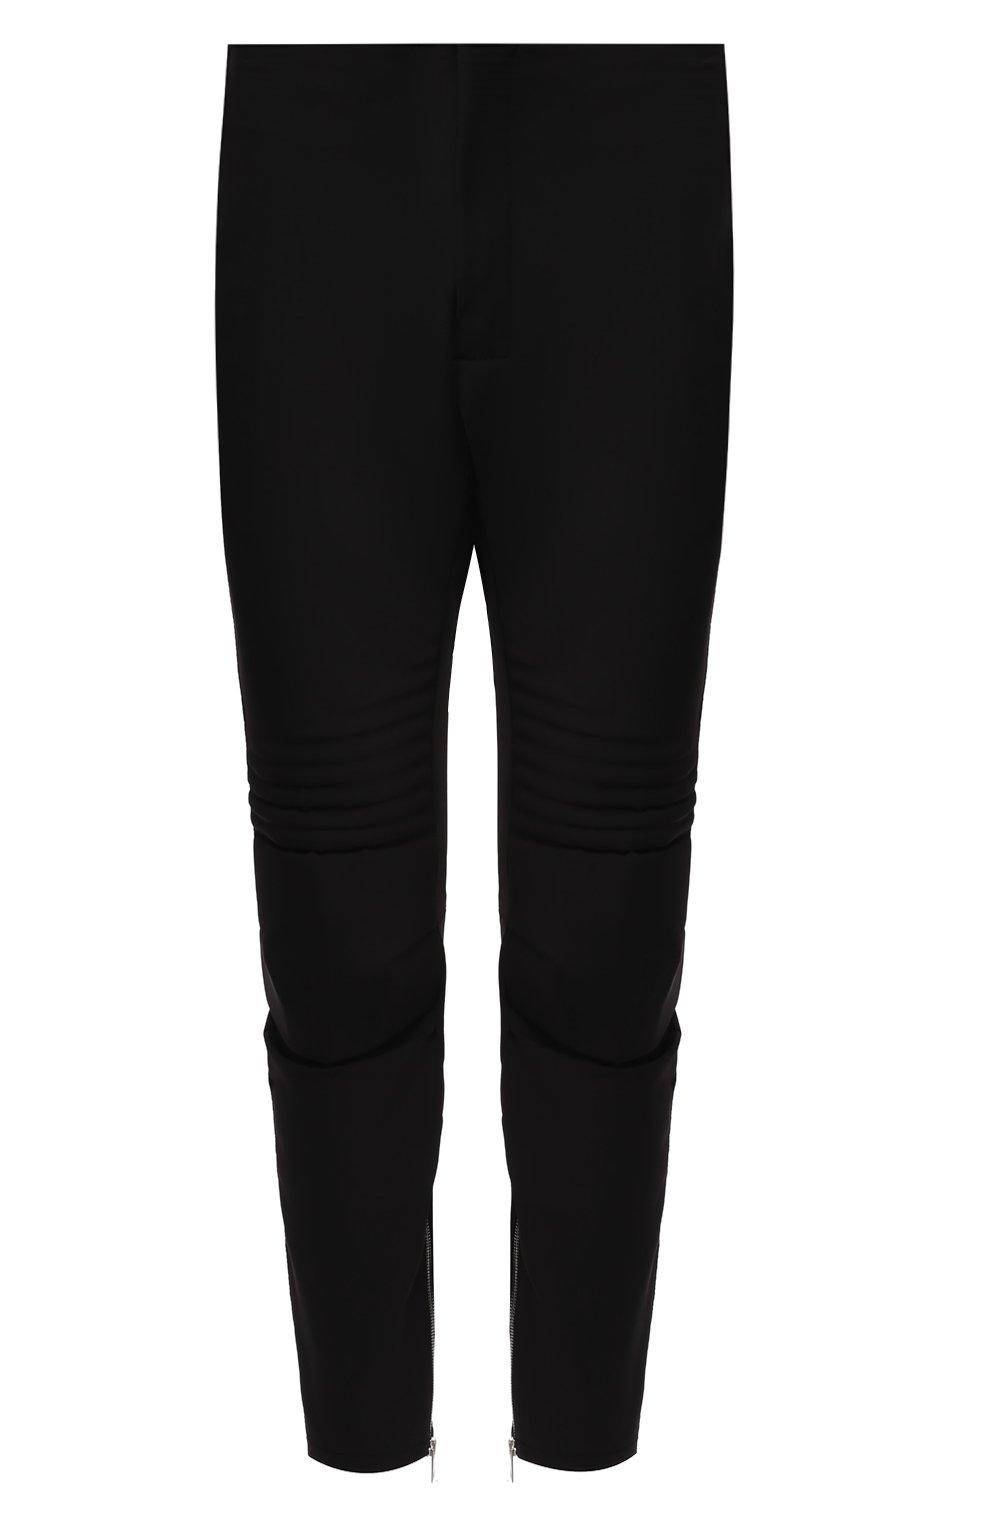 Мужские брюки BOTTEGA VENETA черного цвета, арт. 595830/VA5S0   Фото 1 (Длина (брюки, джинсы): Стандартные; Случай: Повседневный; Материал внешний: Синтетический материал; Материал подклада: Вискоза; Стили: Минимализм)